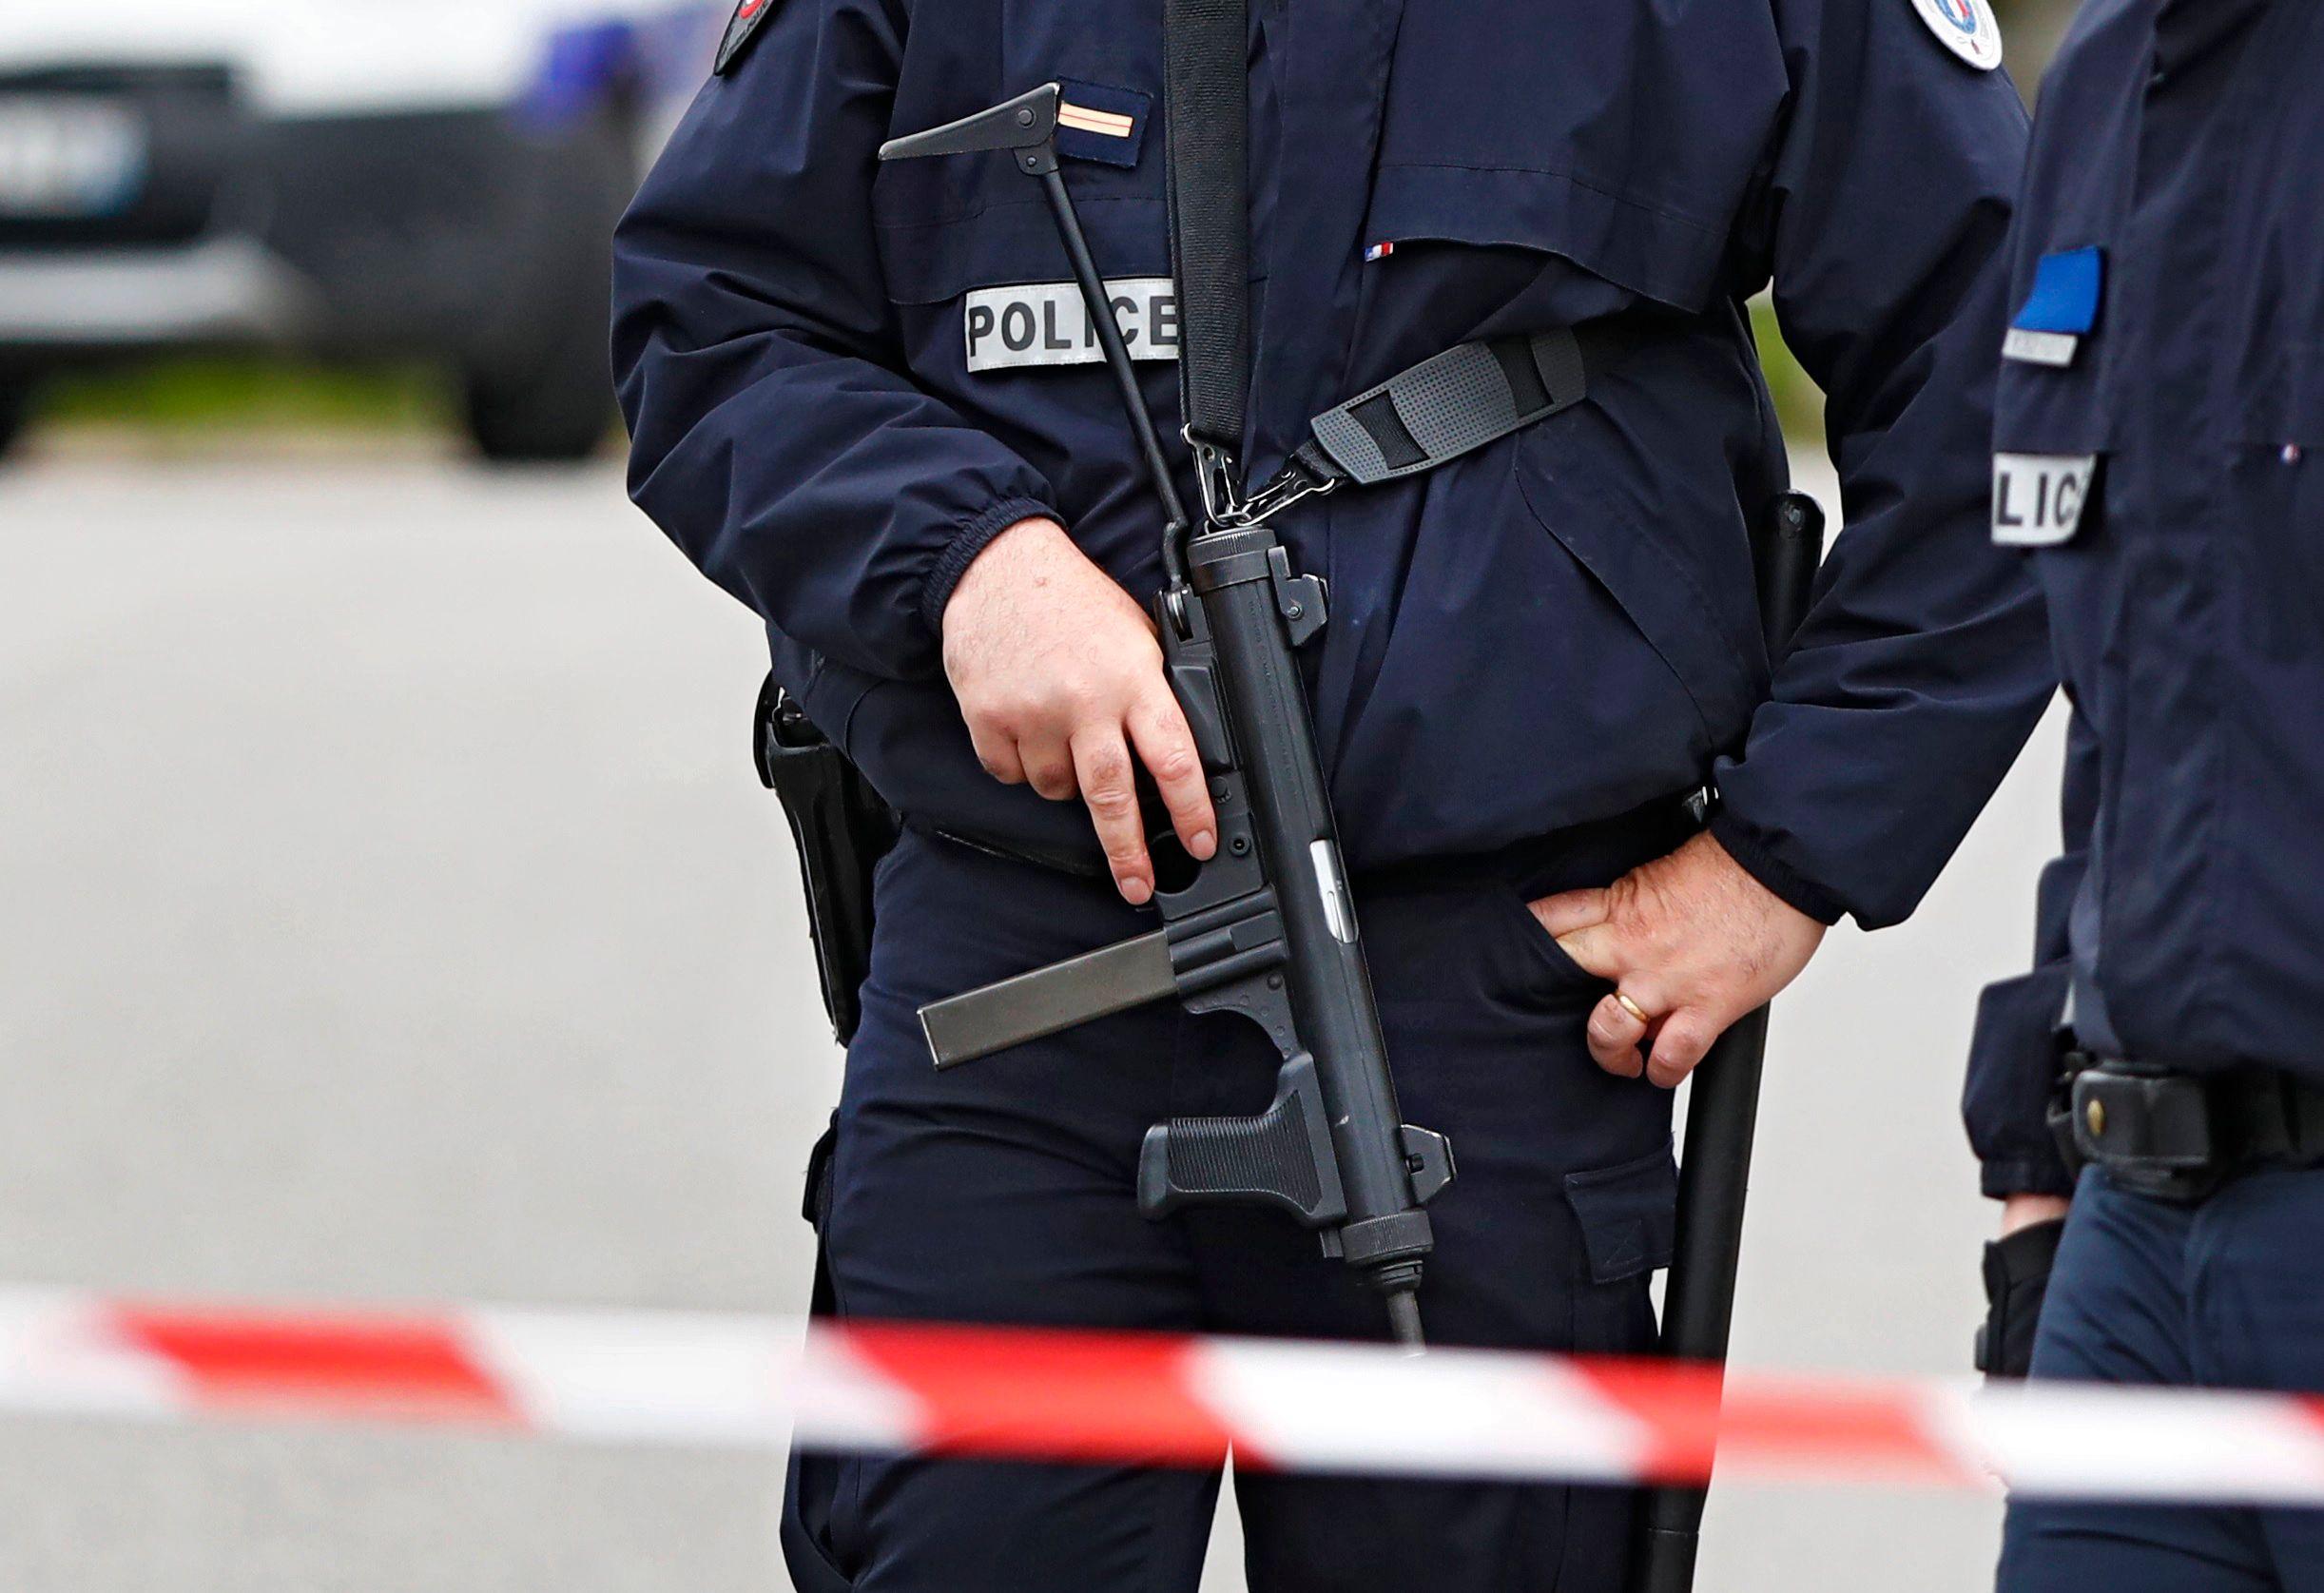 Le tribunal de Nanterre évacué en raison d'une alerte à la bombe